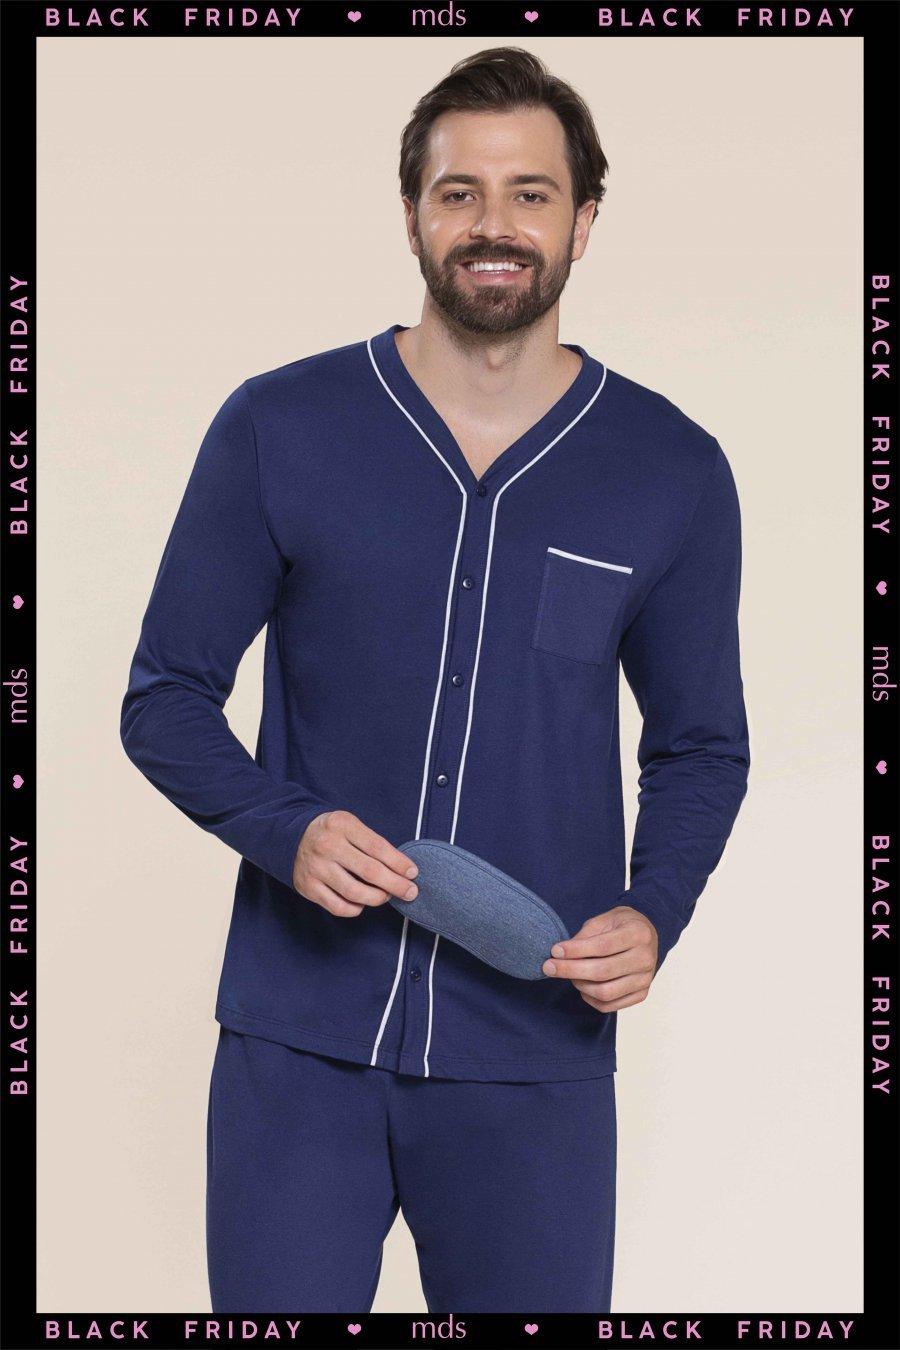 BLACK FRIDAY Pijama 100% Algodão Strong Inverno MDS